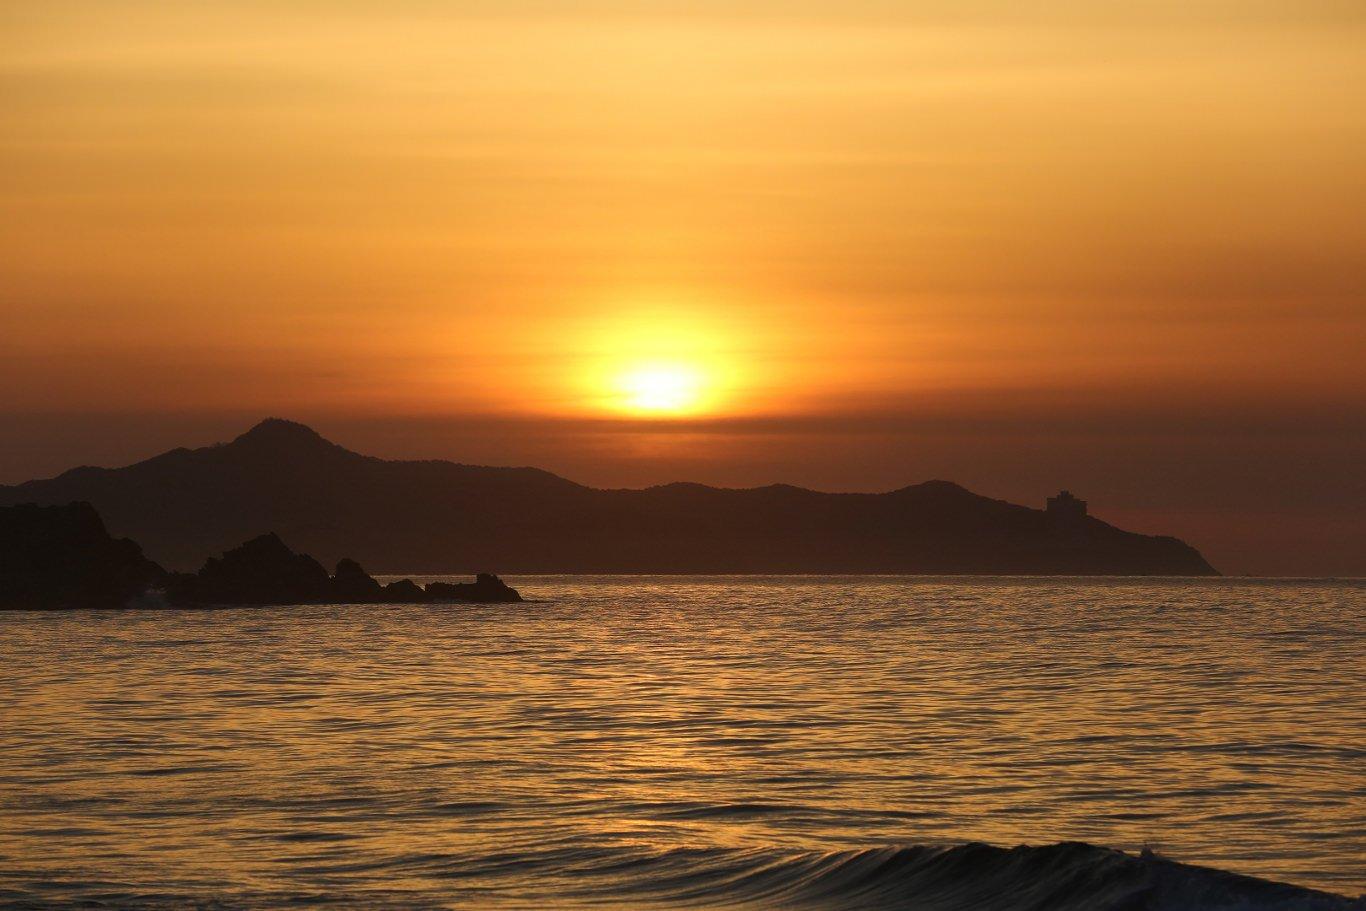 Puesta del sol en la playa de Majon cerca de la ciudad de Hamhung en Corea del Norte. Viaje organizado por KTG Tours